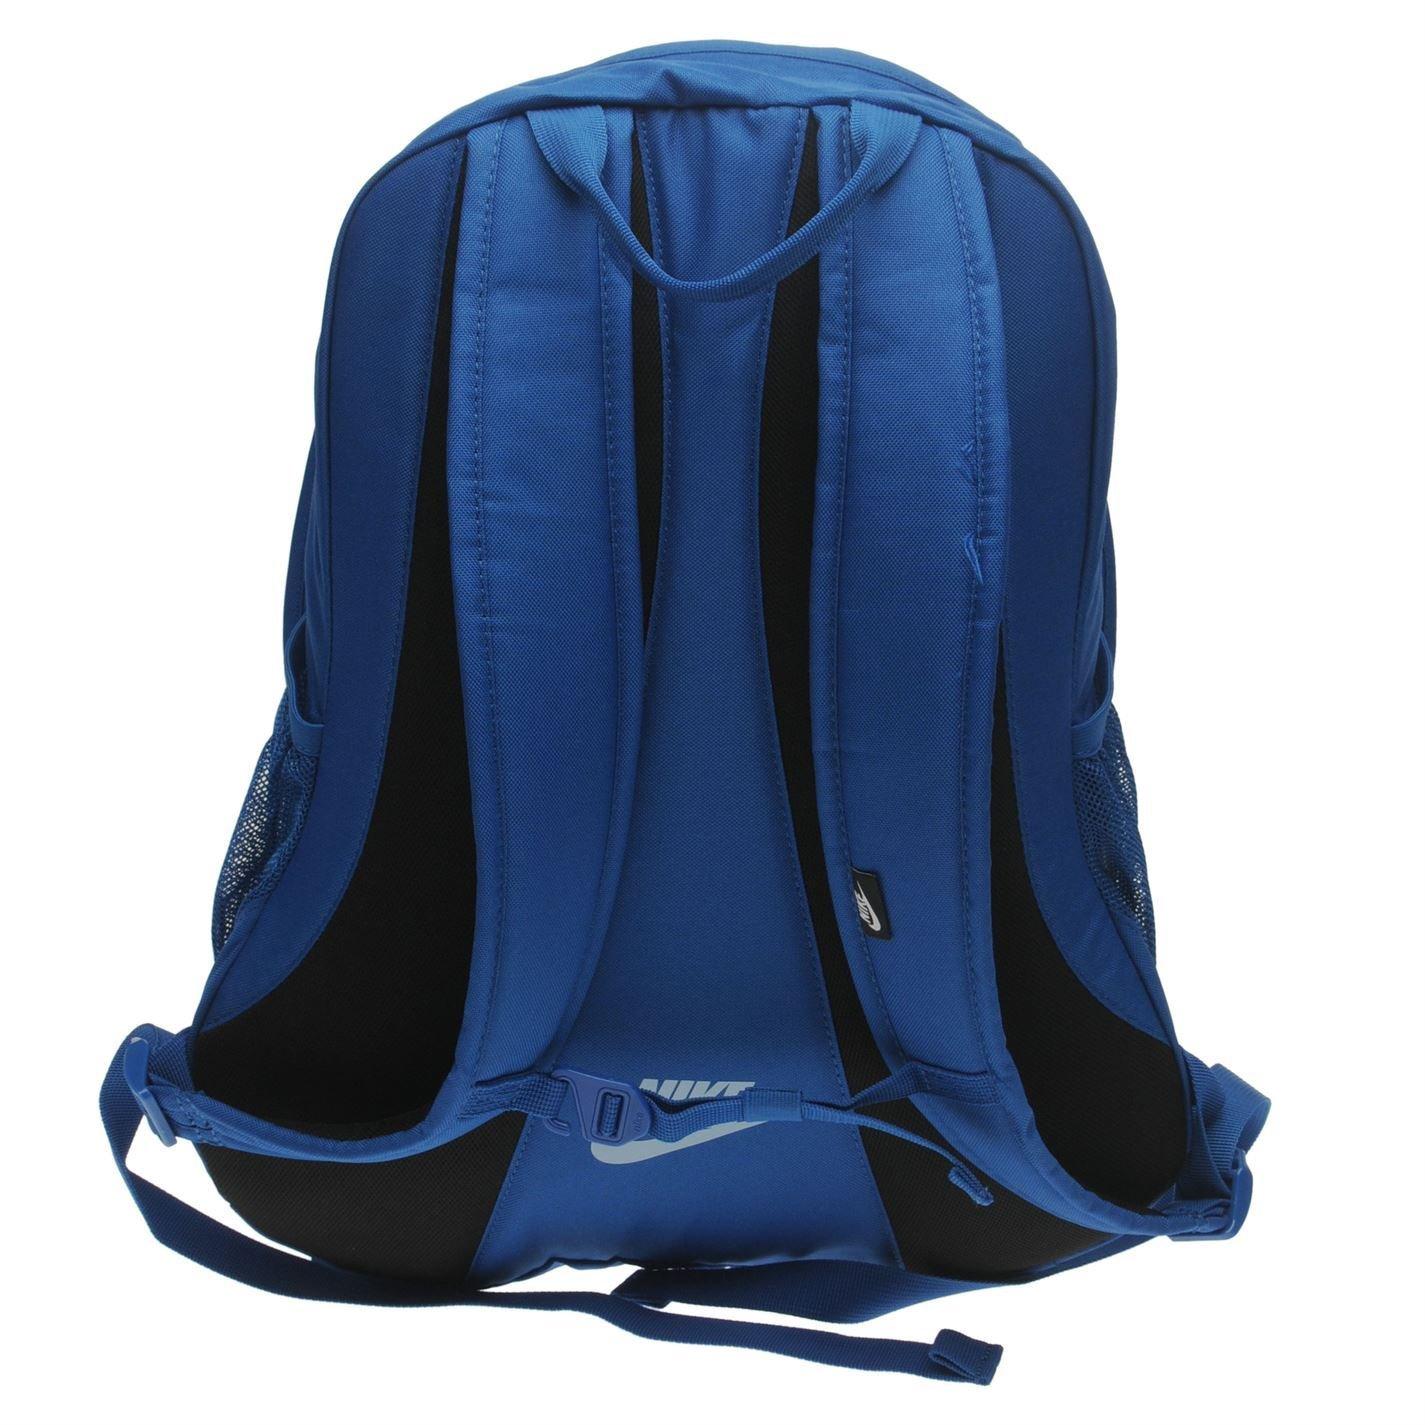 Nike Hayward Futura Backpack Blue Sports Bag Holdall Rucksack   Amazon.co.uk  Luggage 74d6f72c44885